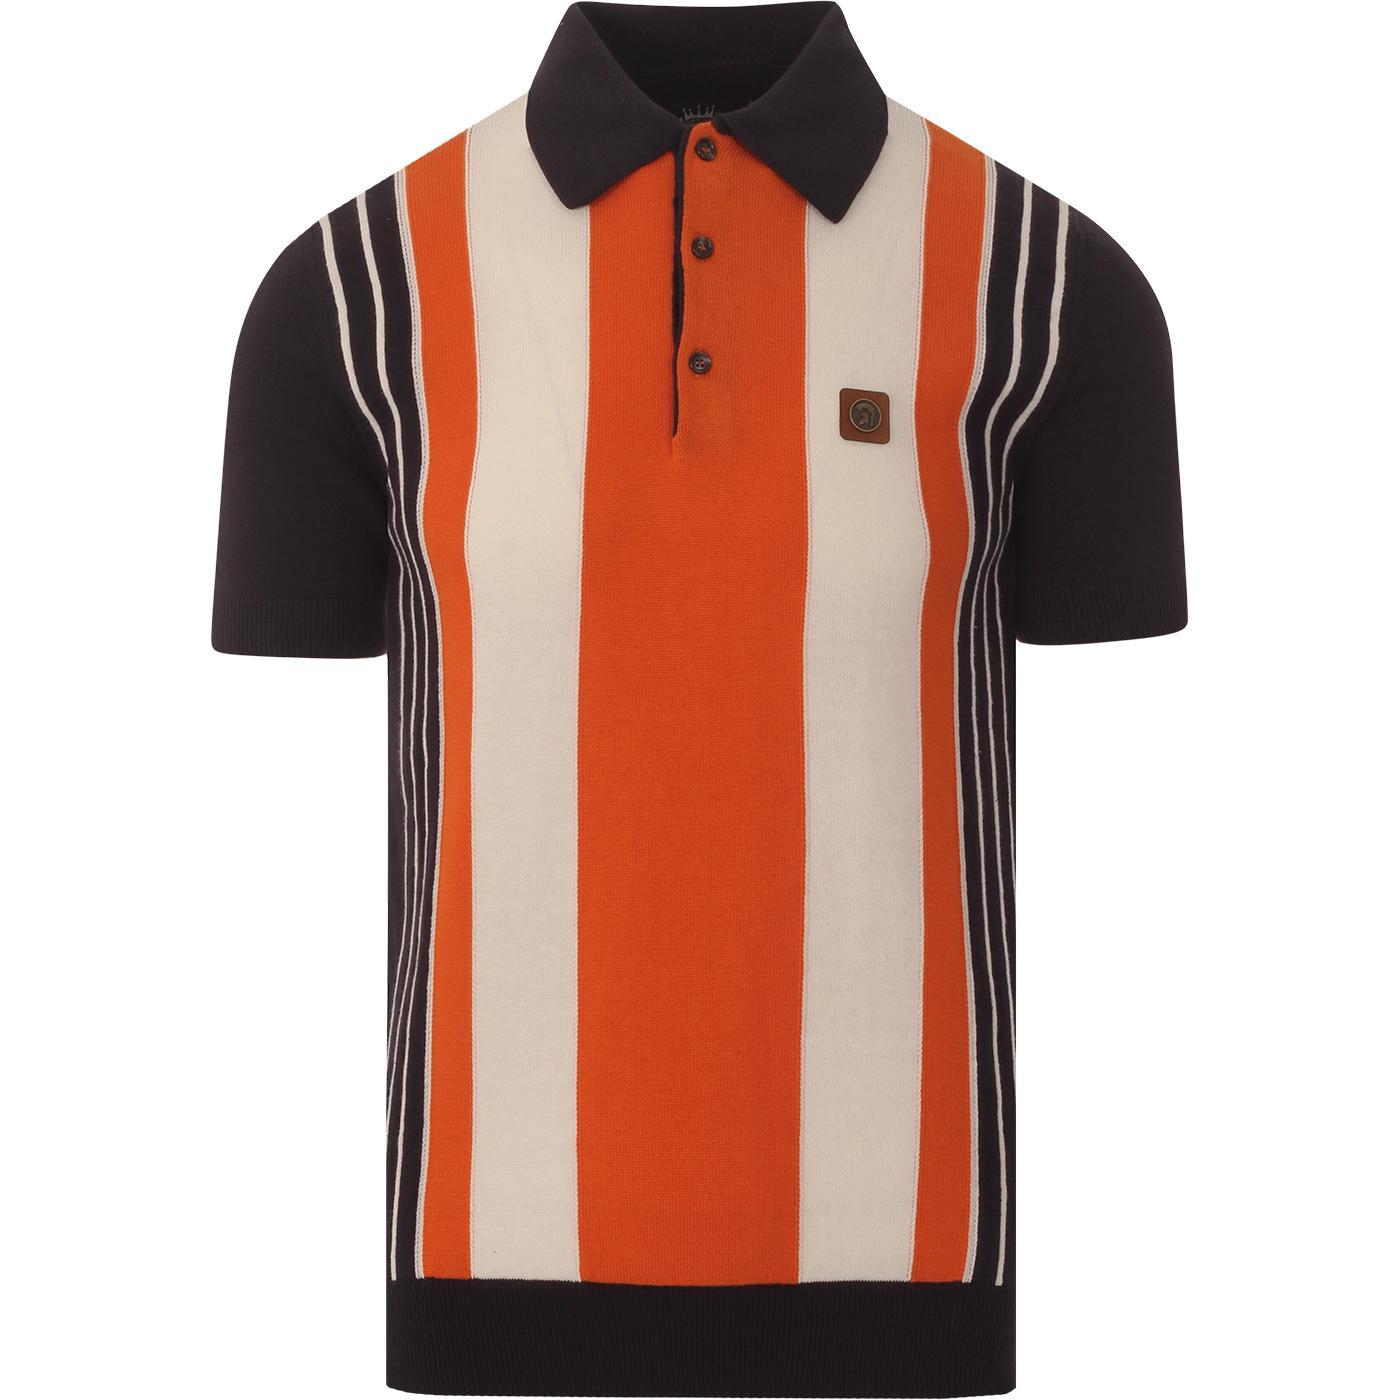 TROJAN RECORDS Mod Stripe Knit Panel Polo (Black)